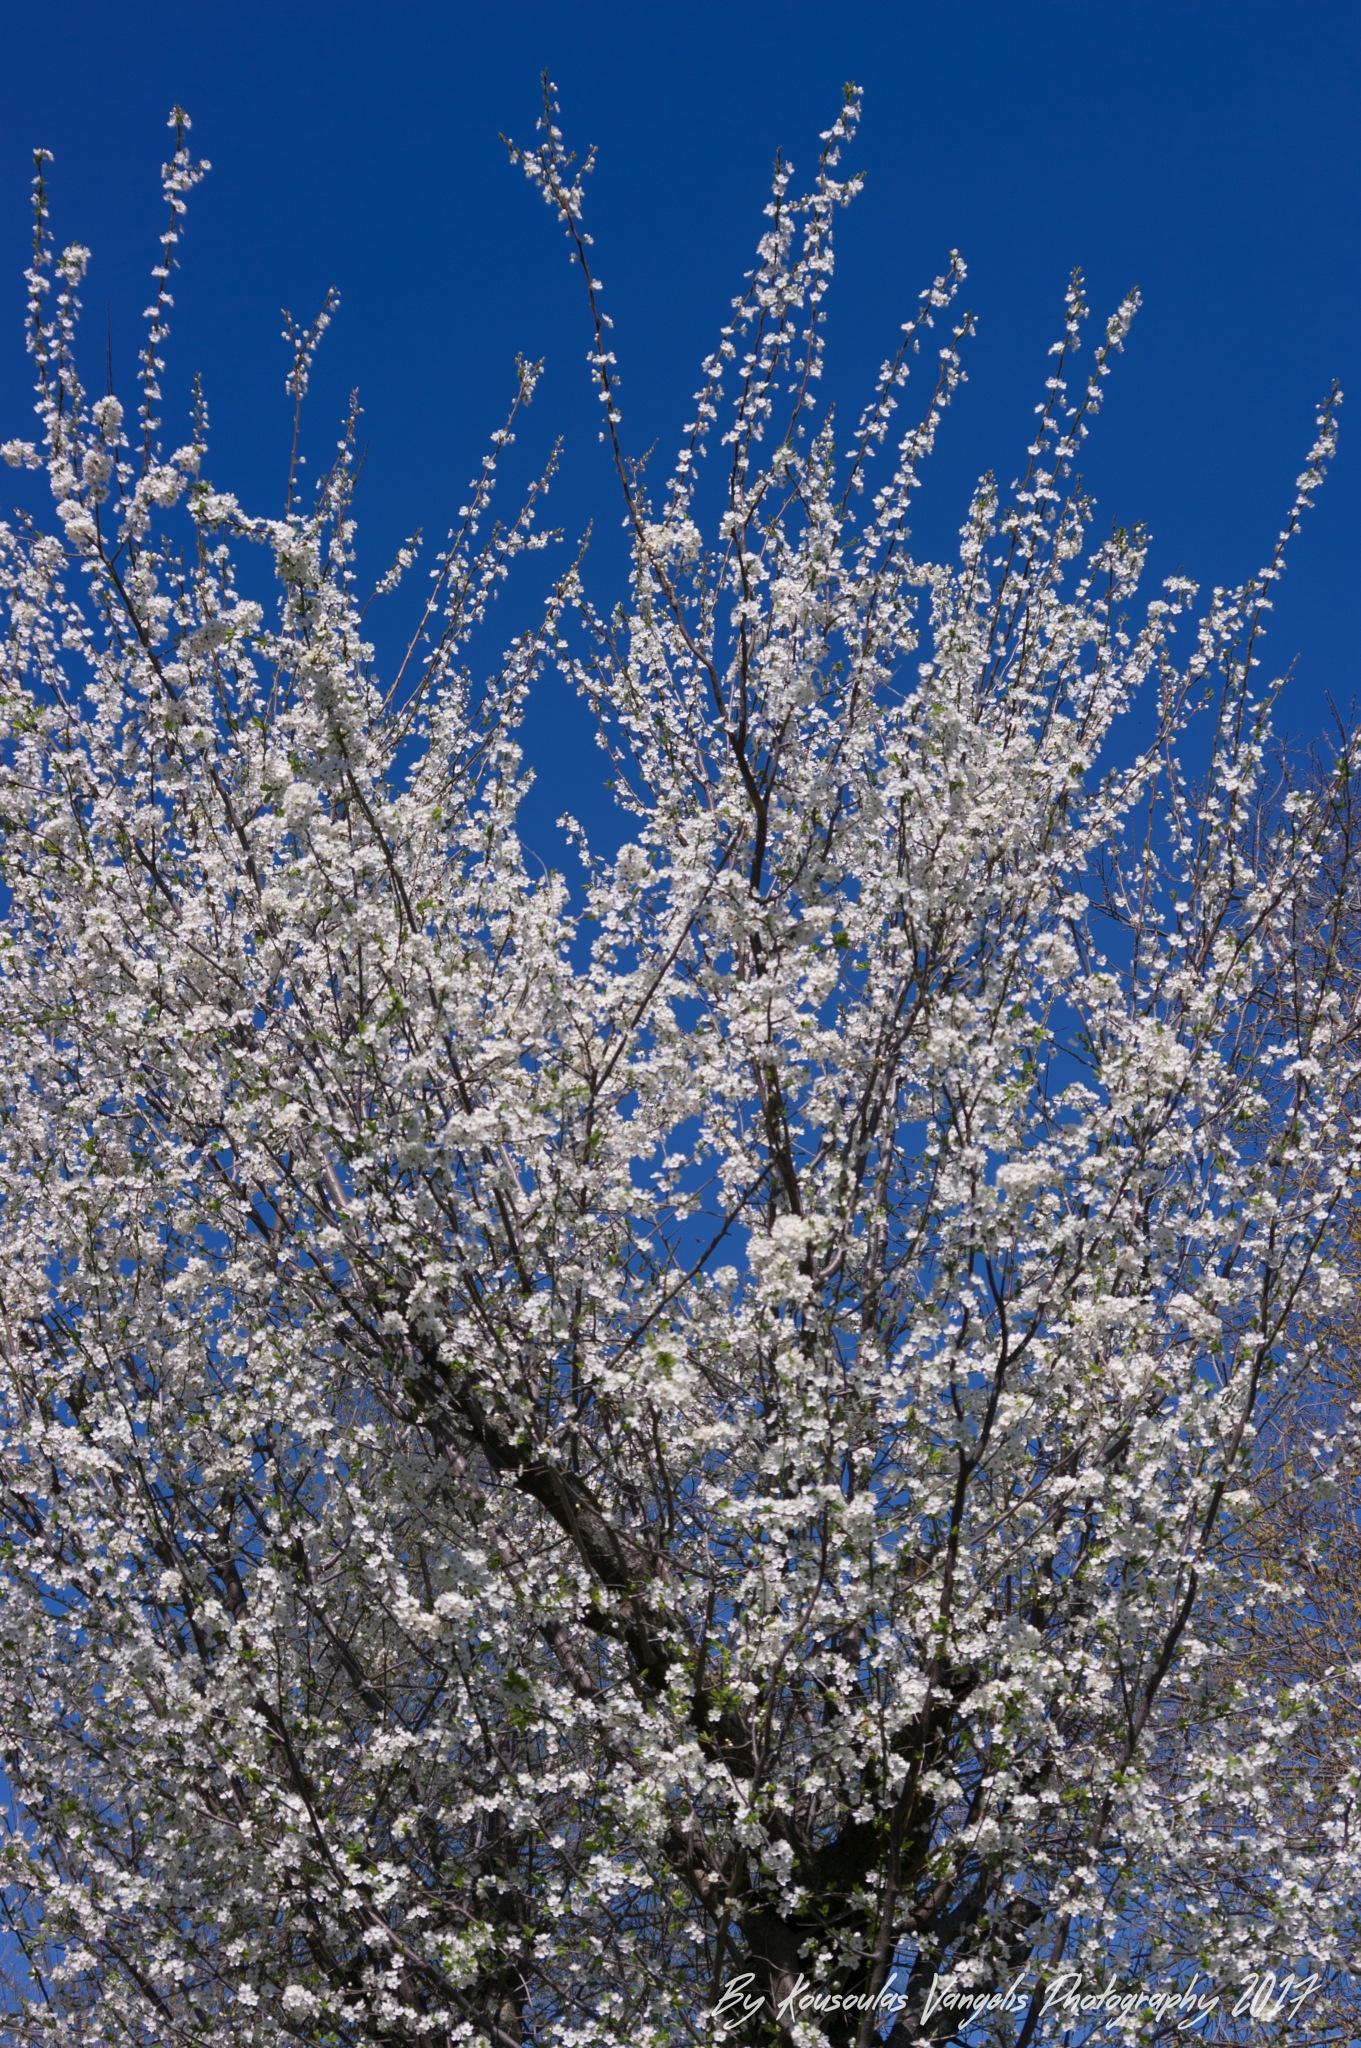 spring flowers by kousoulas vangelis